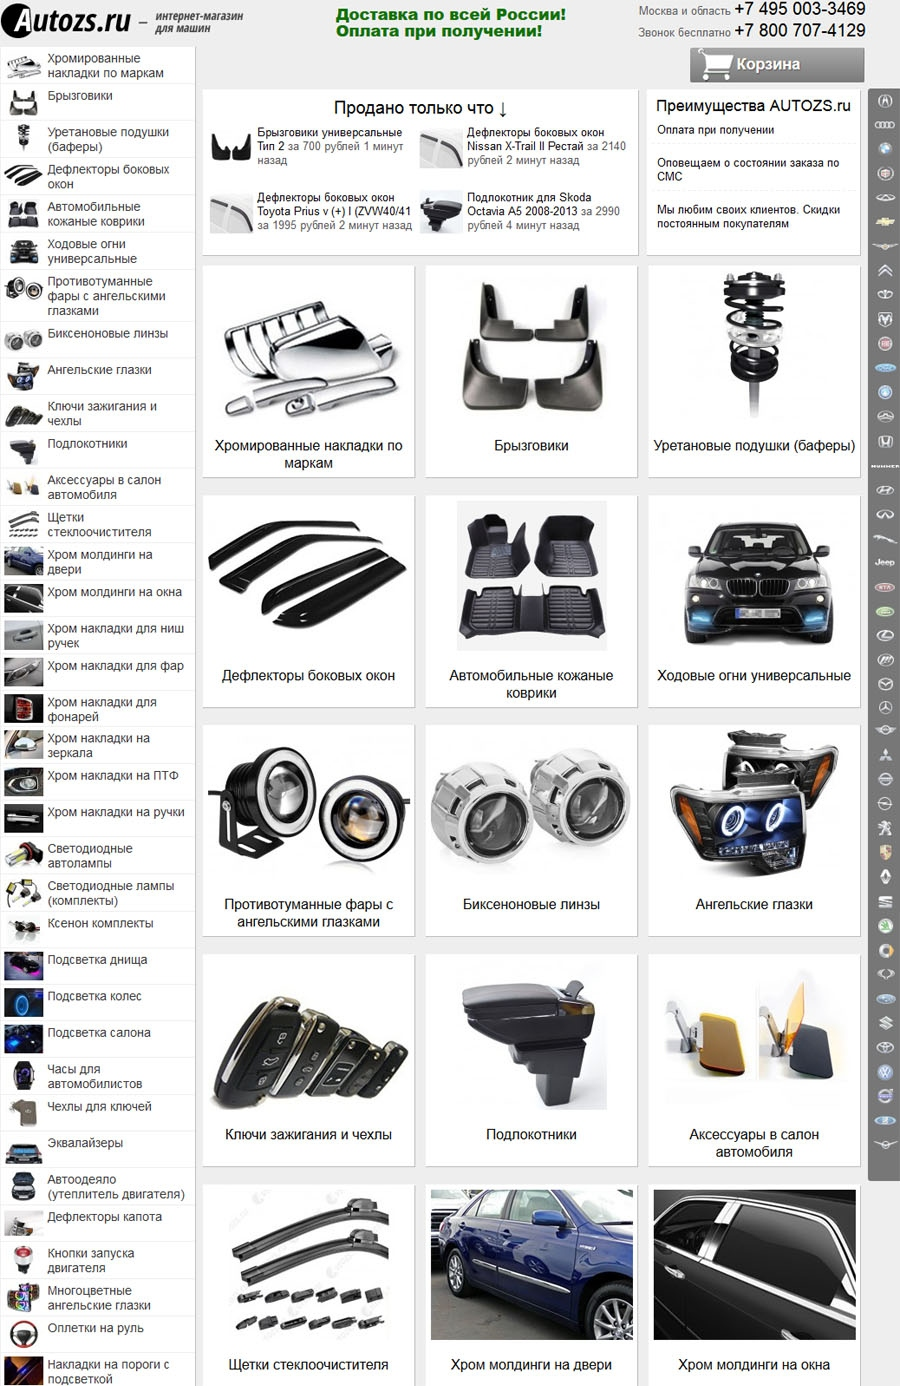 8383e92ea7a4e Autozs Ru 🚩 интернет-магазин автоаксессуаров для машин ...